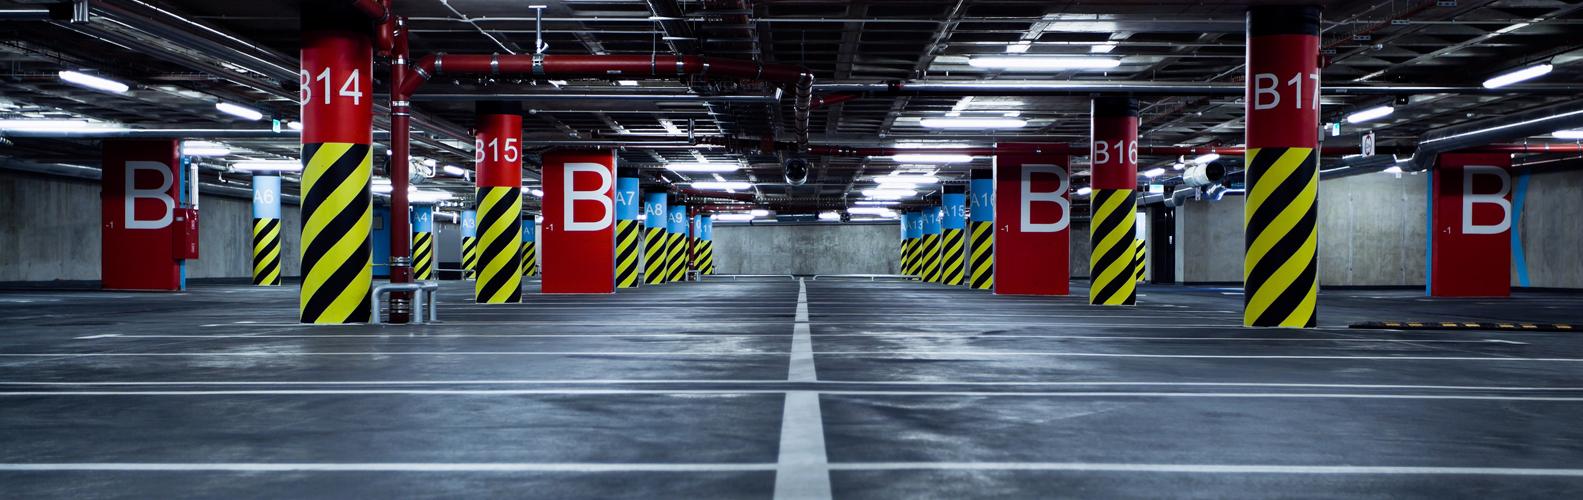 Limpieza-Parkings-Pulimentos-Campos